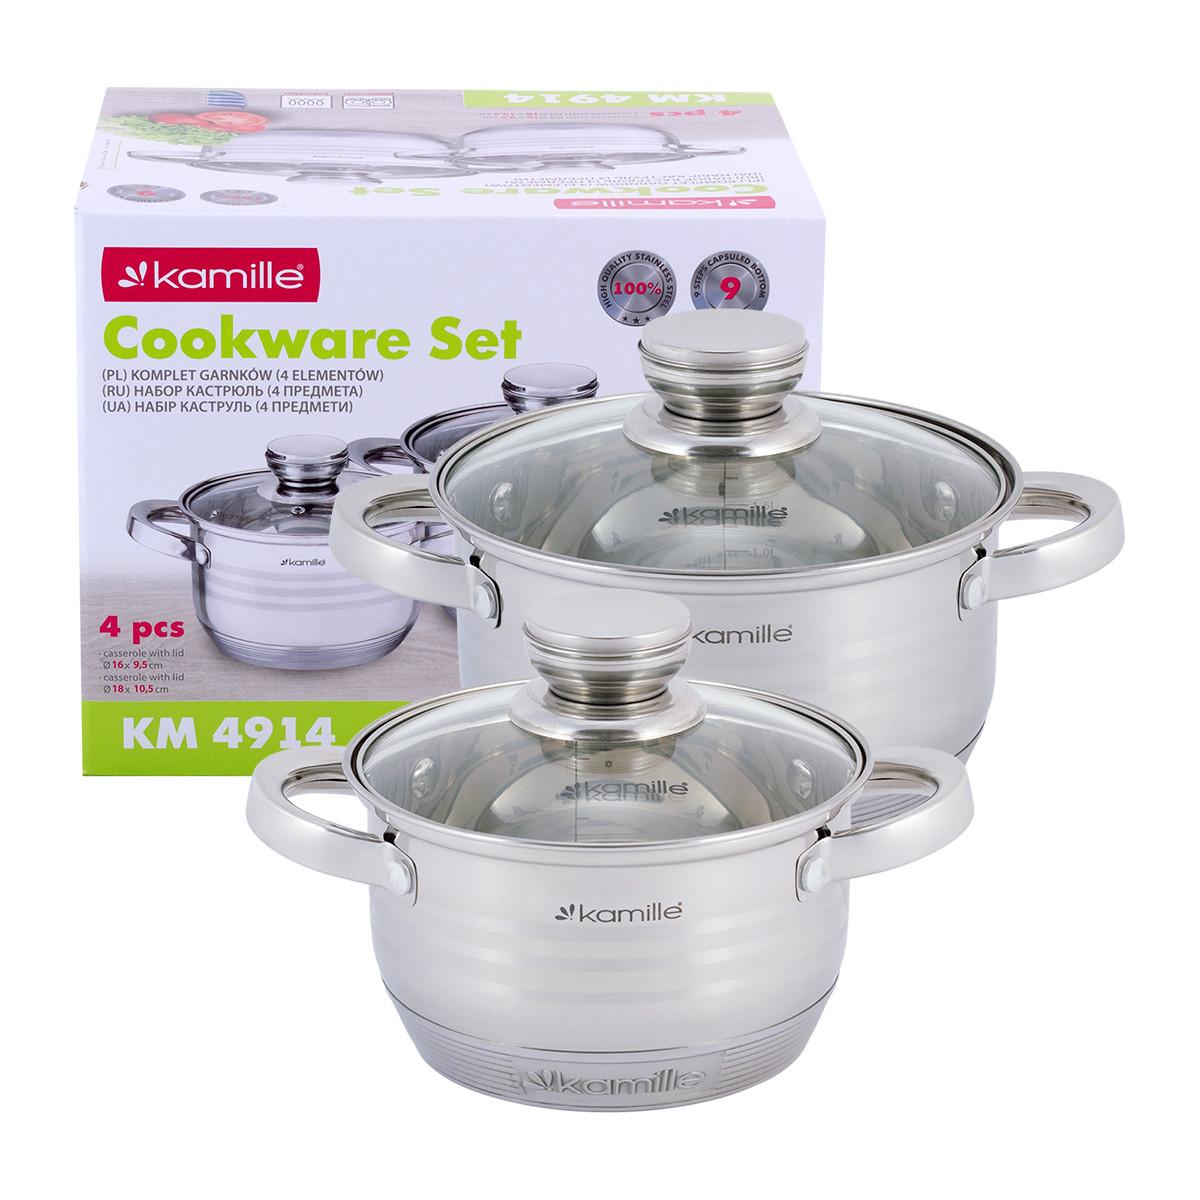 Набір каструль Kamille посуд з нержавіючої сталі для газу 4 предмета для приготування їжі для індукції